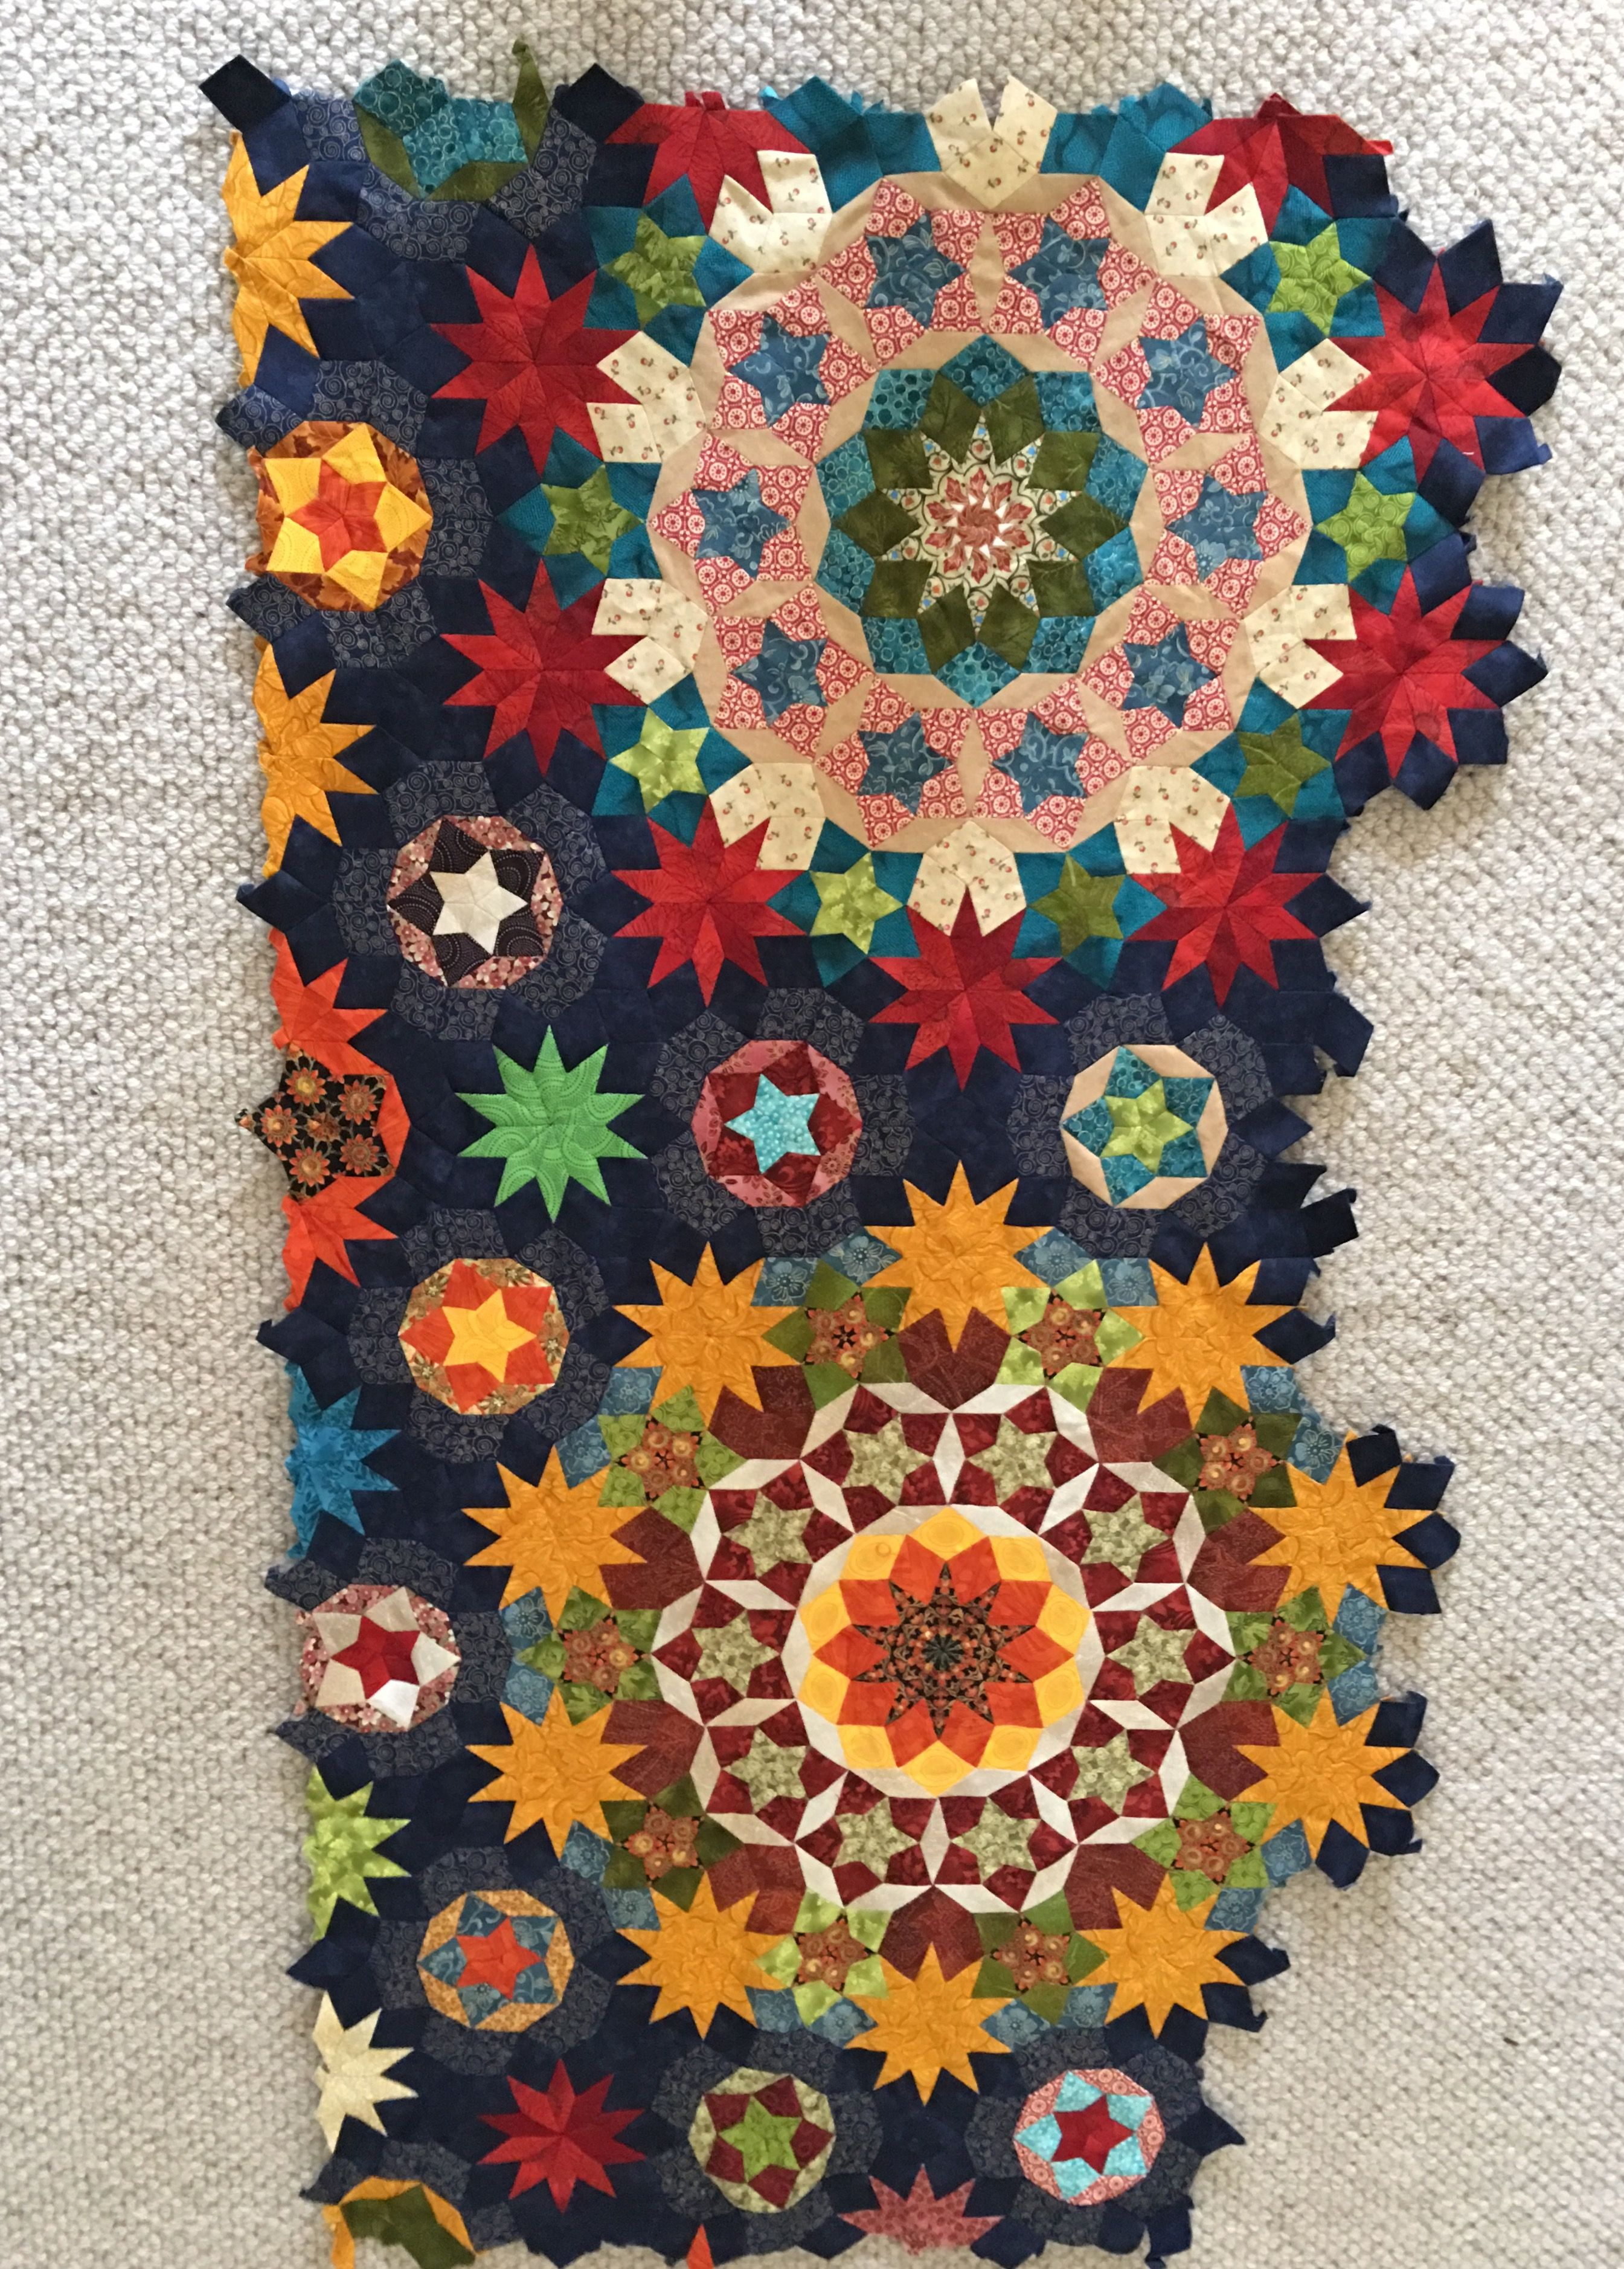 Pin von Susan auf a.quilting POTC/Passacaglia | Pinterest